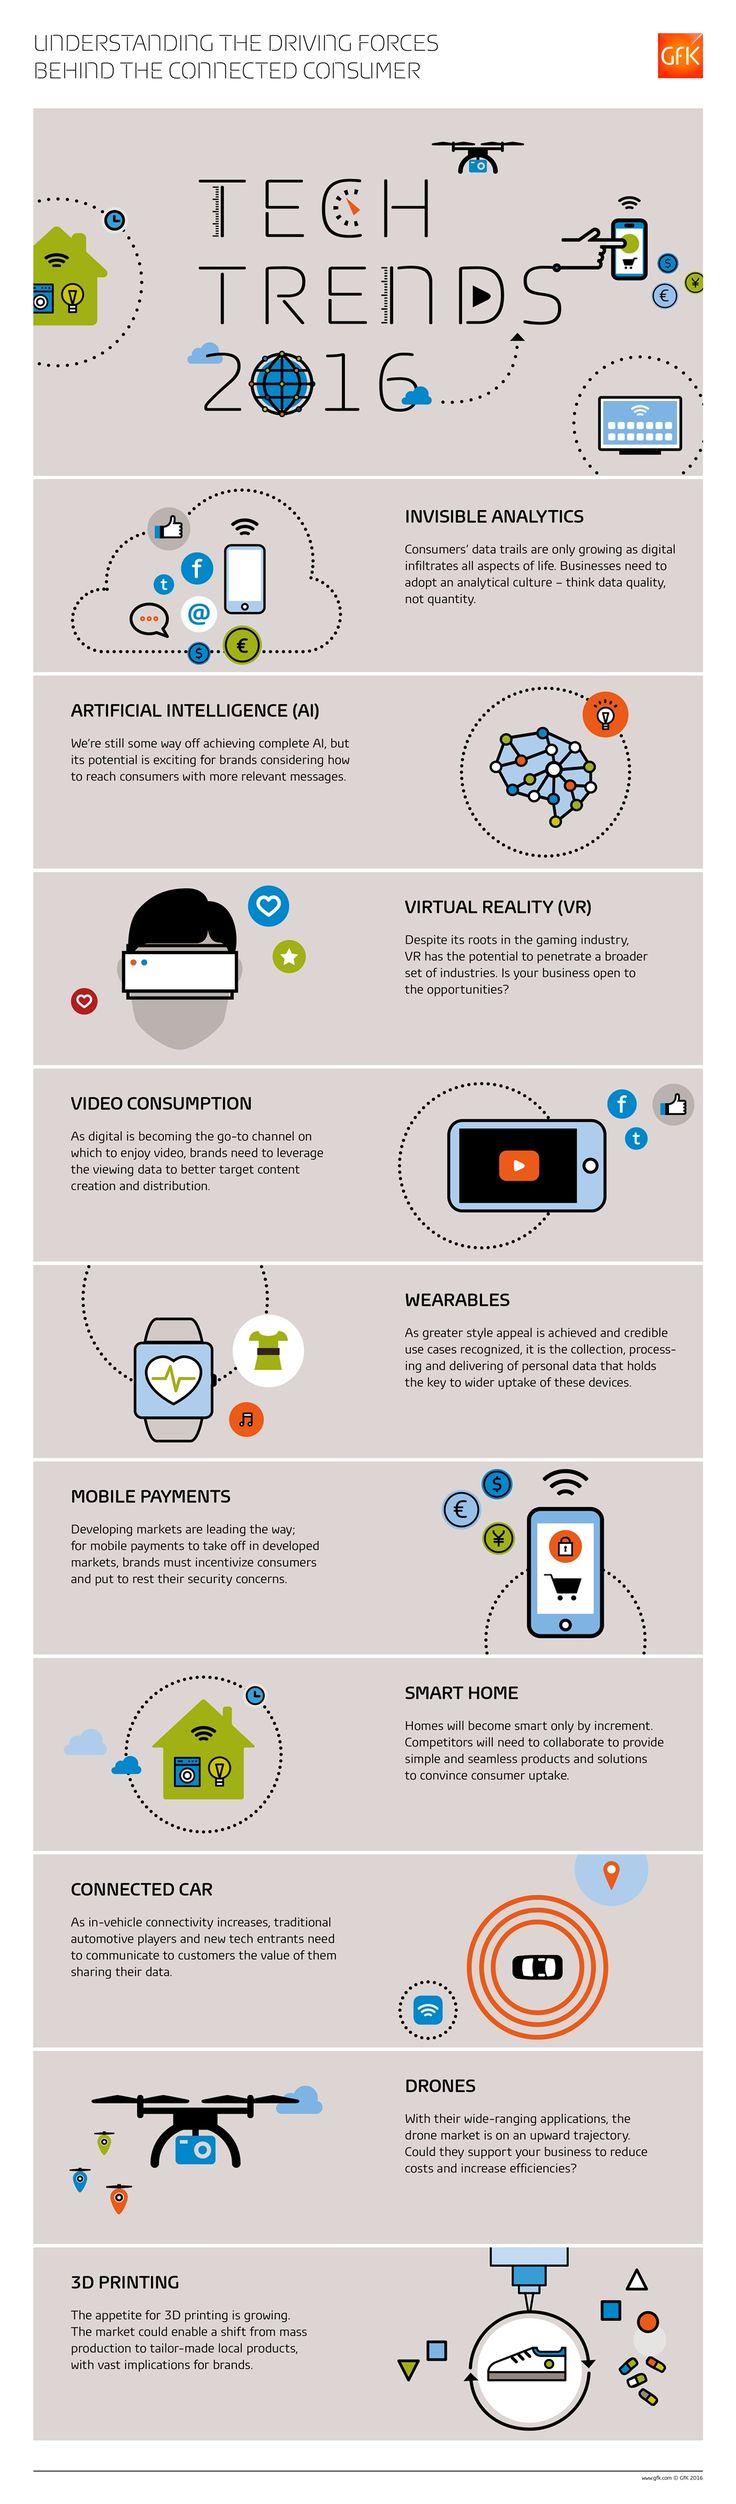 Tech Trends 2016 #infographic #Trends #Technology http://tc.tradetracker.net/?c=21890&m=917205&a=277323&r=&u=